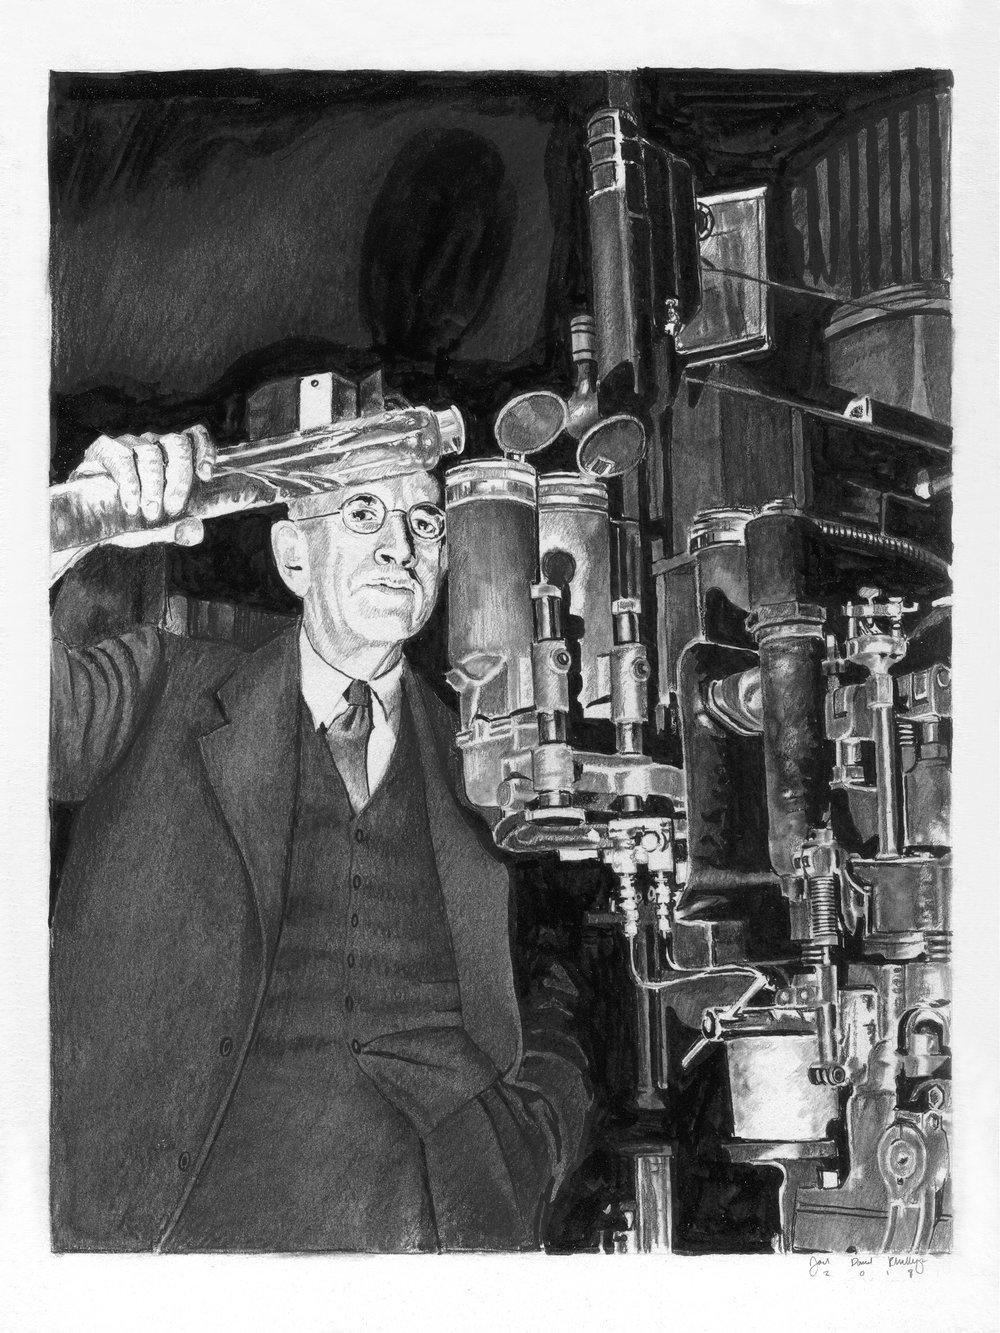 Dr. Clemenshaw's Petroleum Test Lab